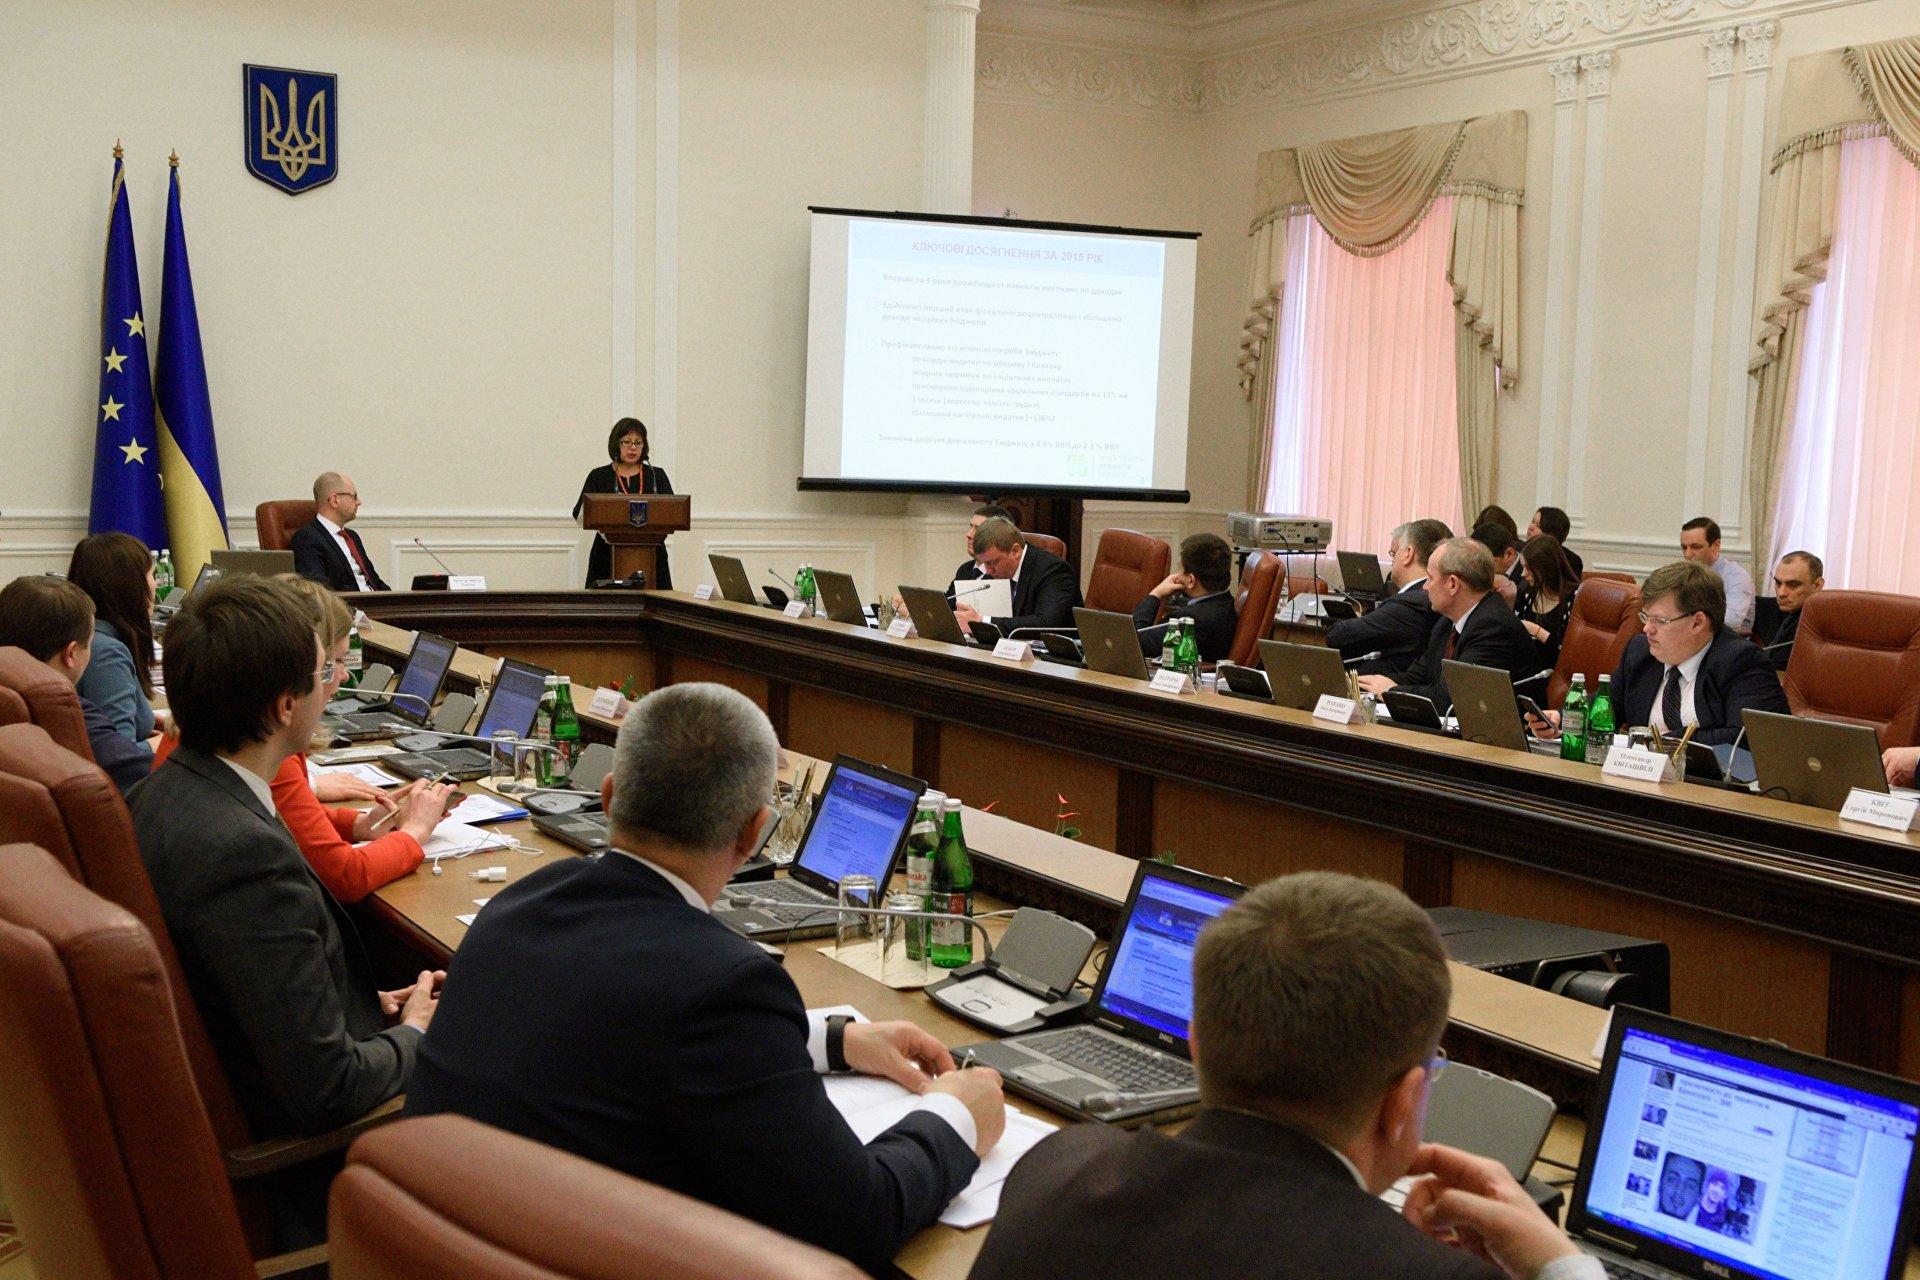 состав нового правительство украины 2016 сказать